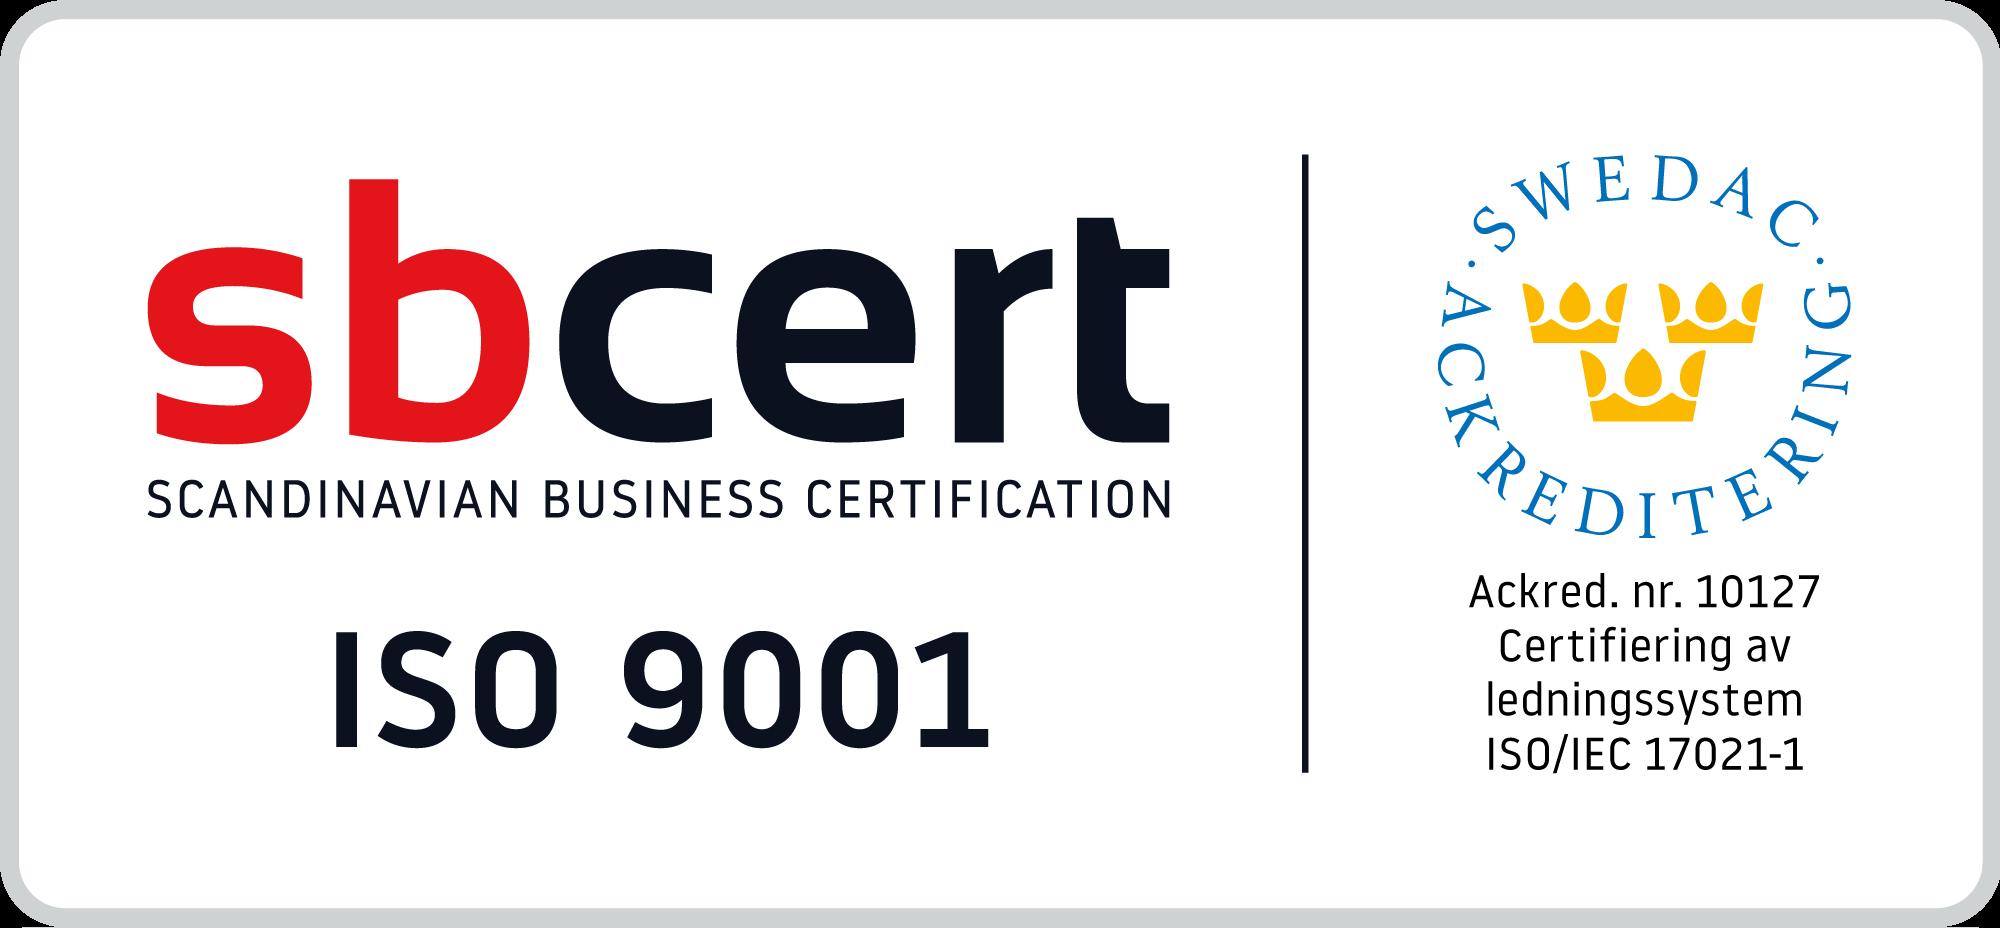 sbcert - Scandinavian Business Certification ISO 9001